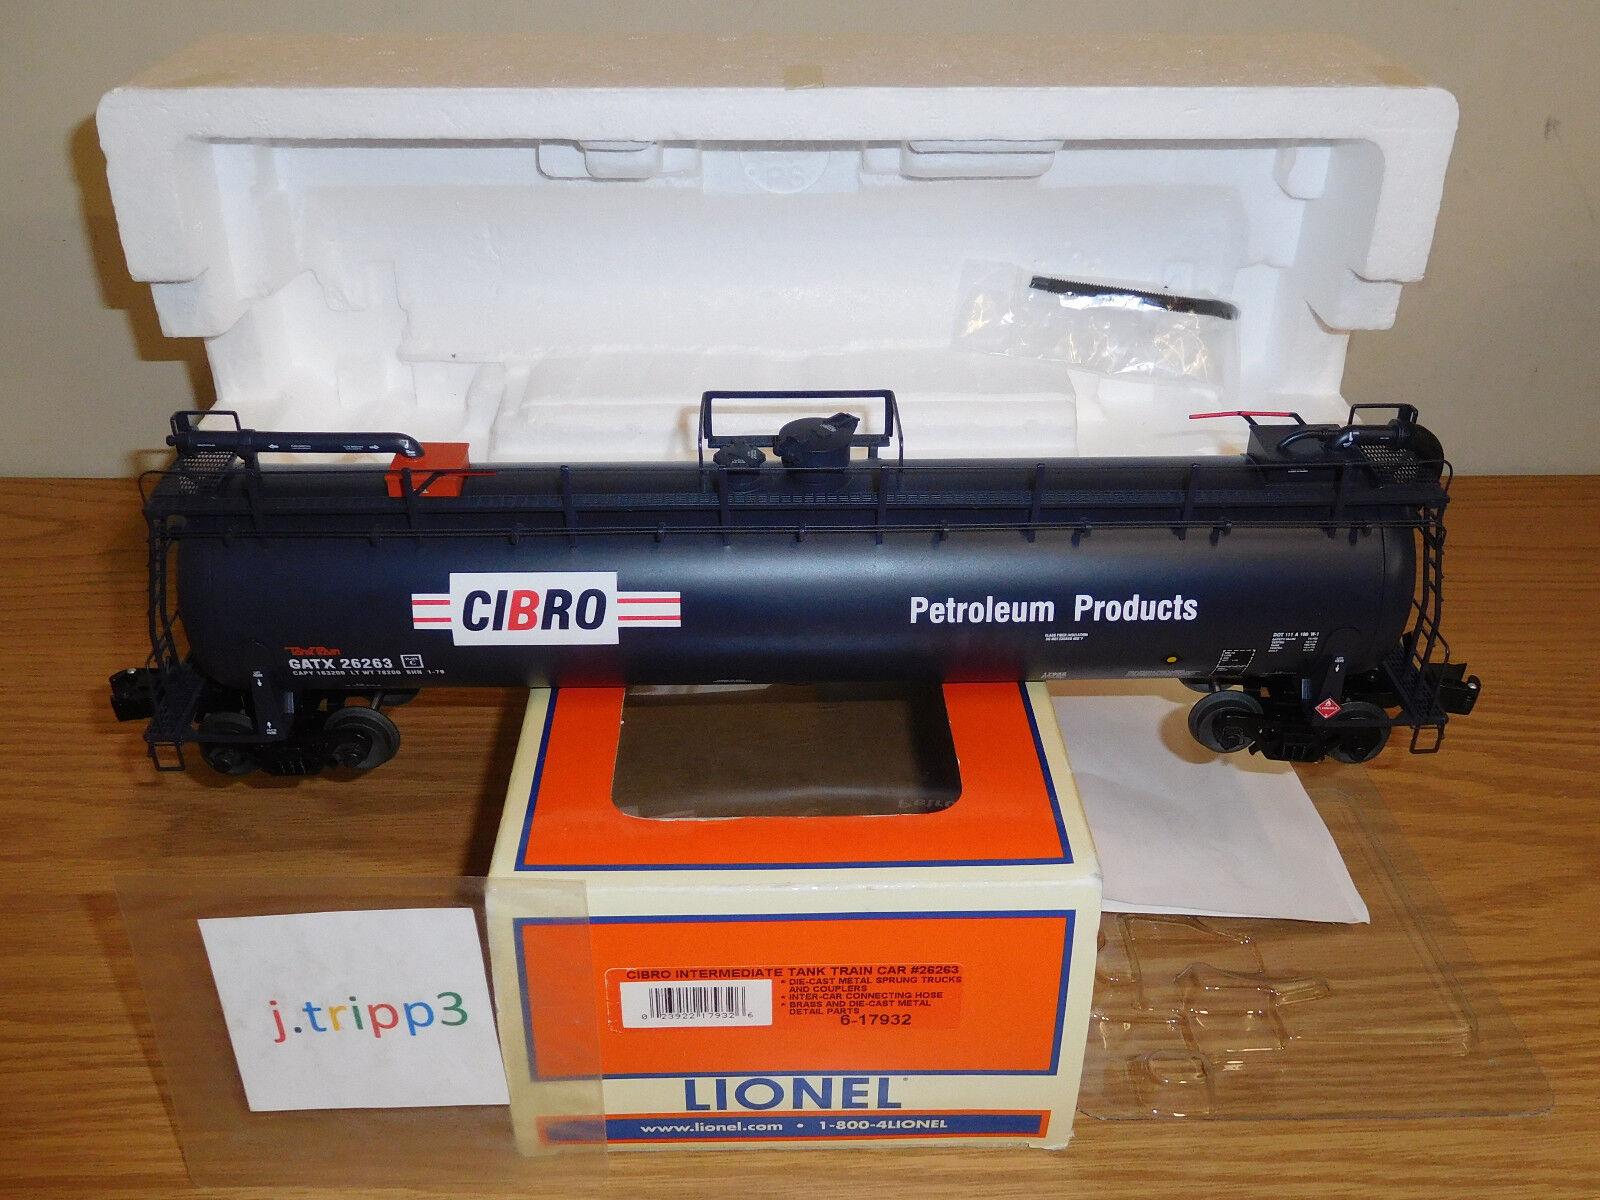 LIONEL 6-17932 CIBRO GATX TANK TRAIN INTERMEDIATE CAR O SCALE PETROLEUM FREIGHT